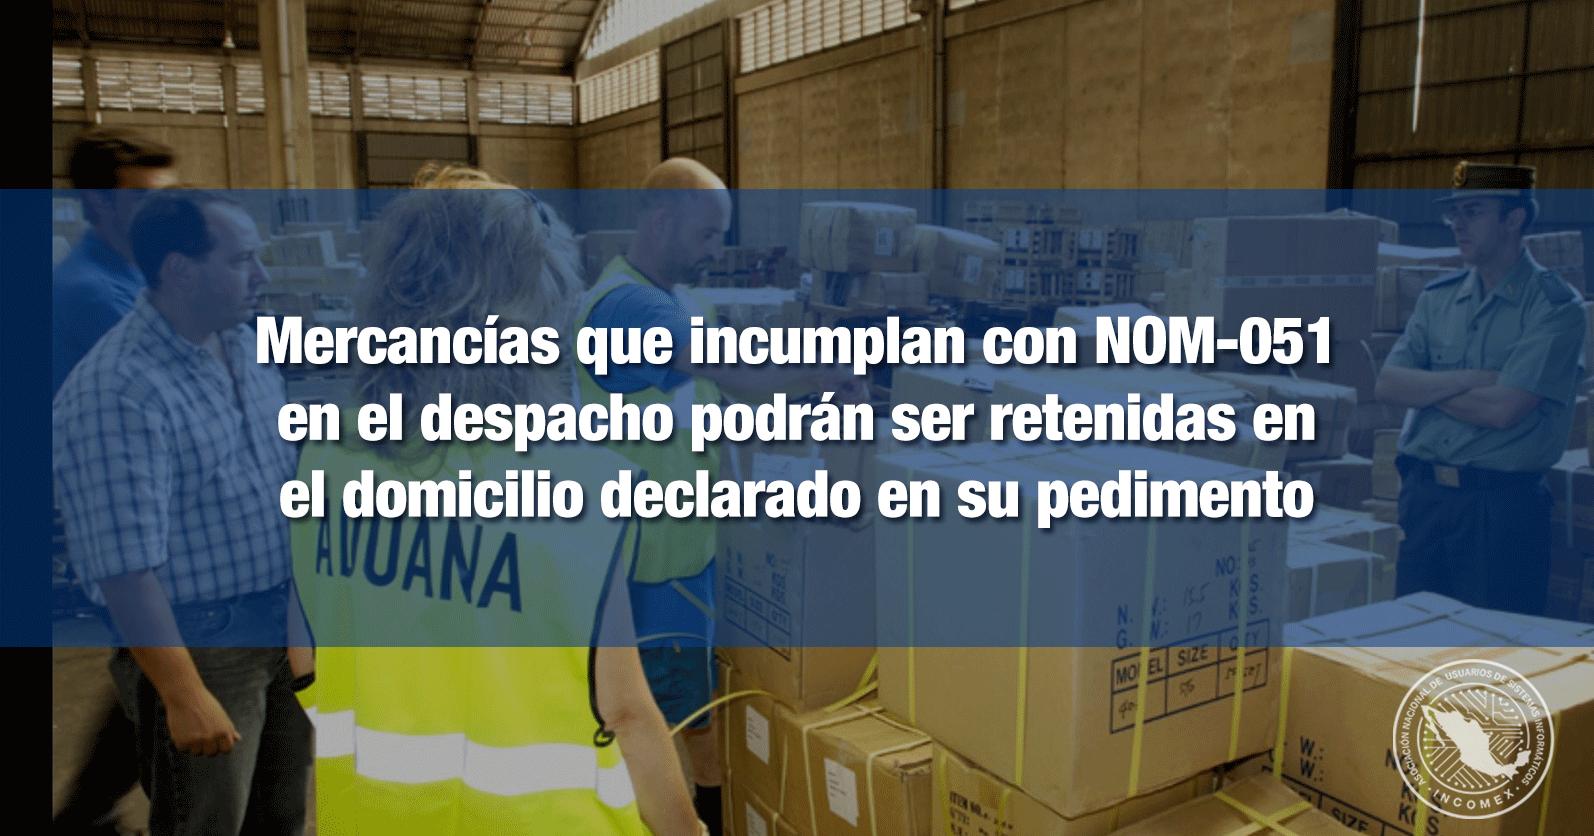 Mercancías que incumplan con NOM-051 en el despacho podrán ser retenidas en el domicilio declarado en su pedimento